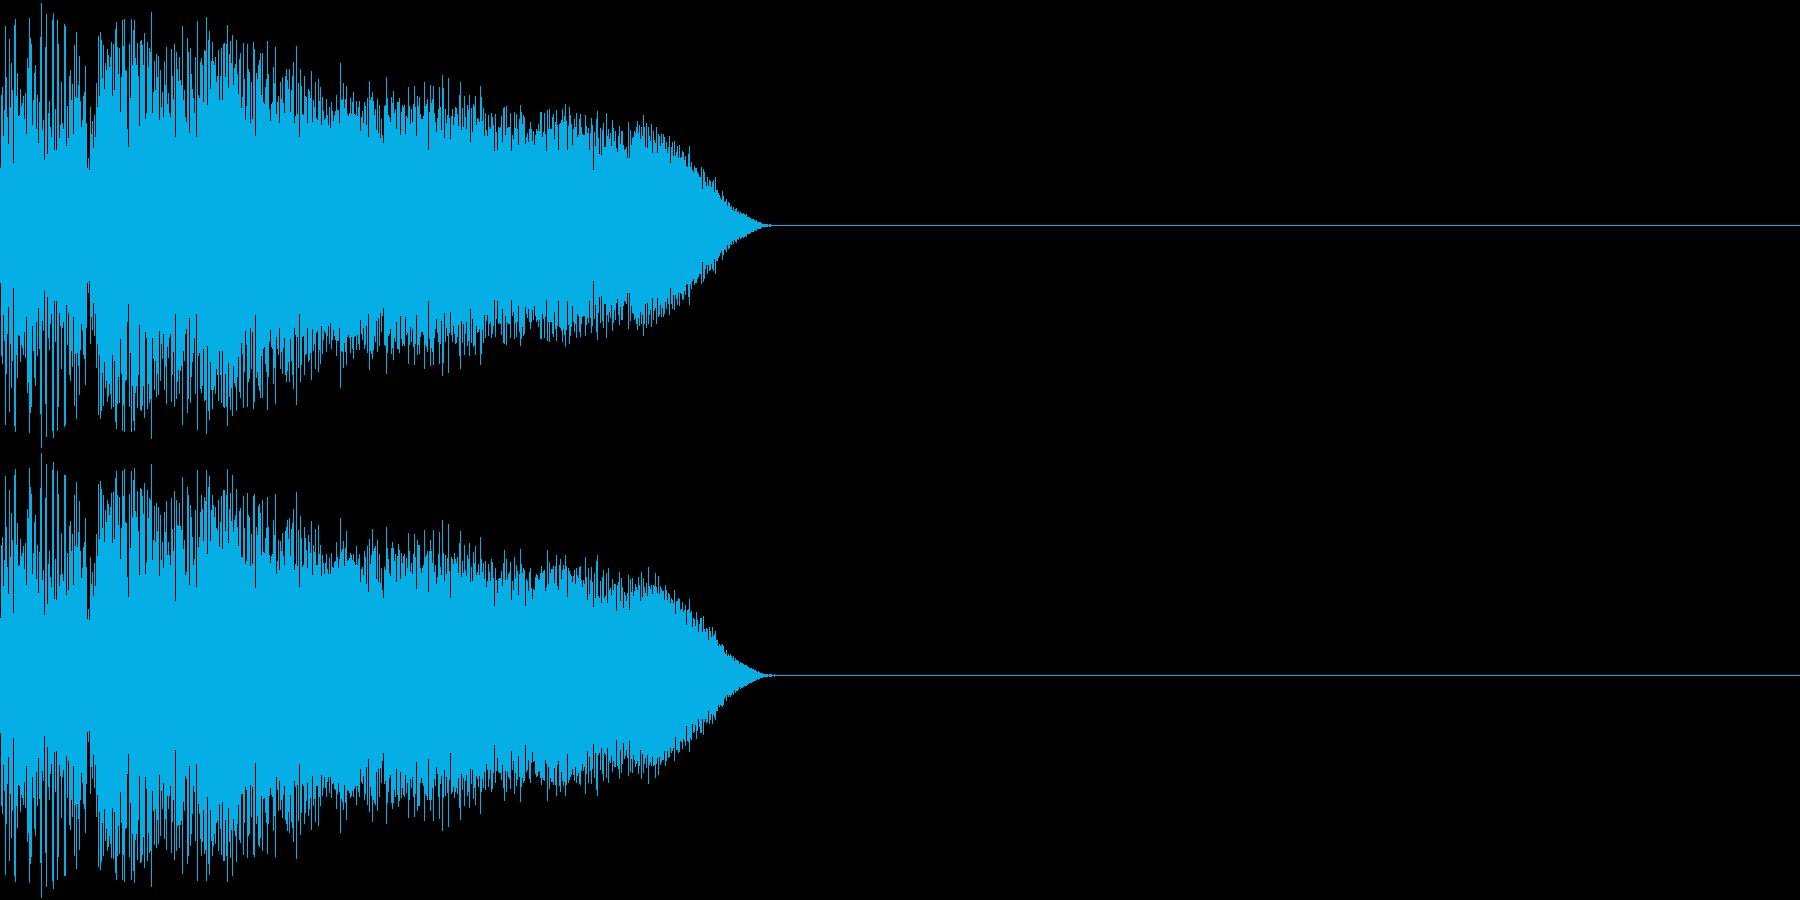 8ビット ファミコン ジャンプ ビーム3の再生済みの波形